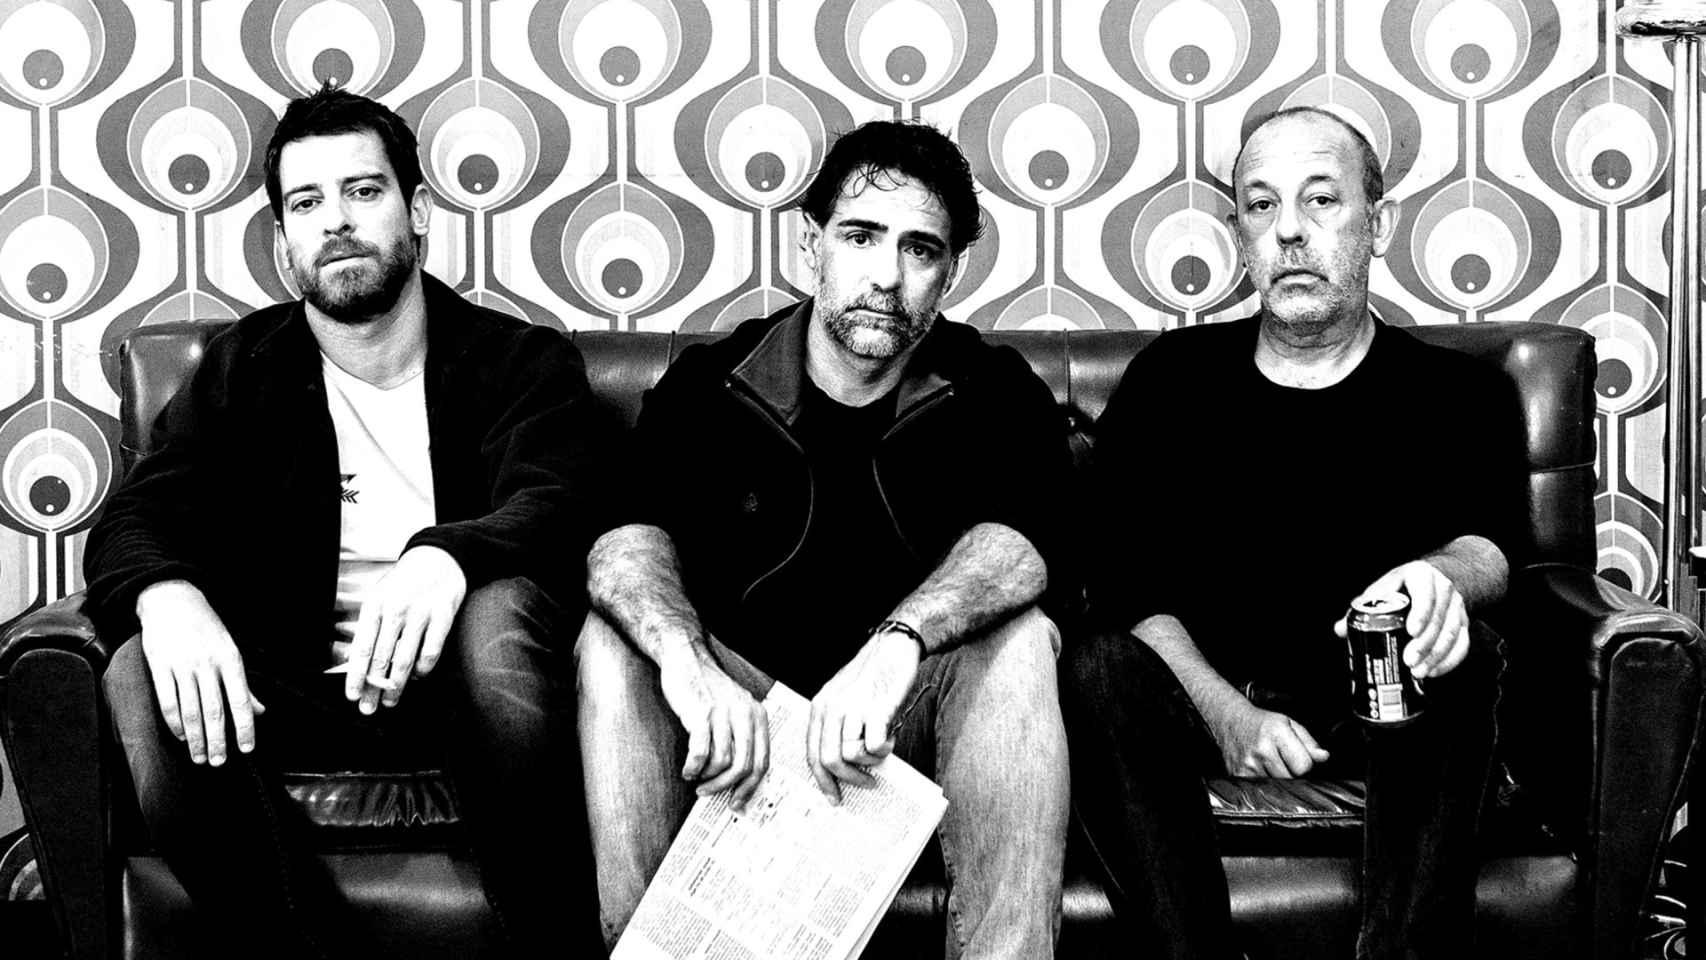 Chema del Barco, Javier Navares y Manuel Baqueiro en un cartel promocional de la obra.